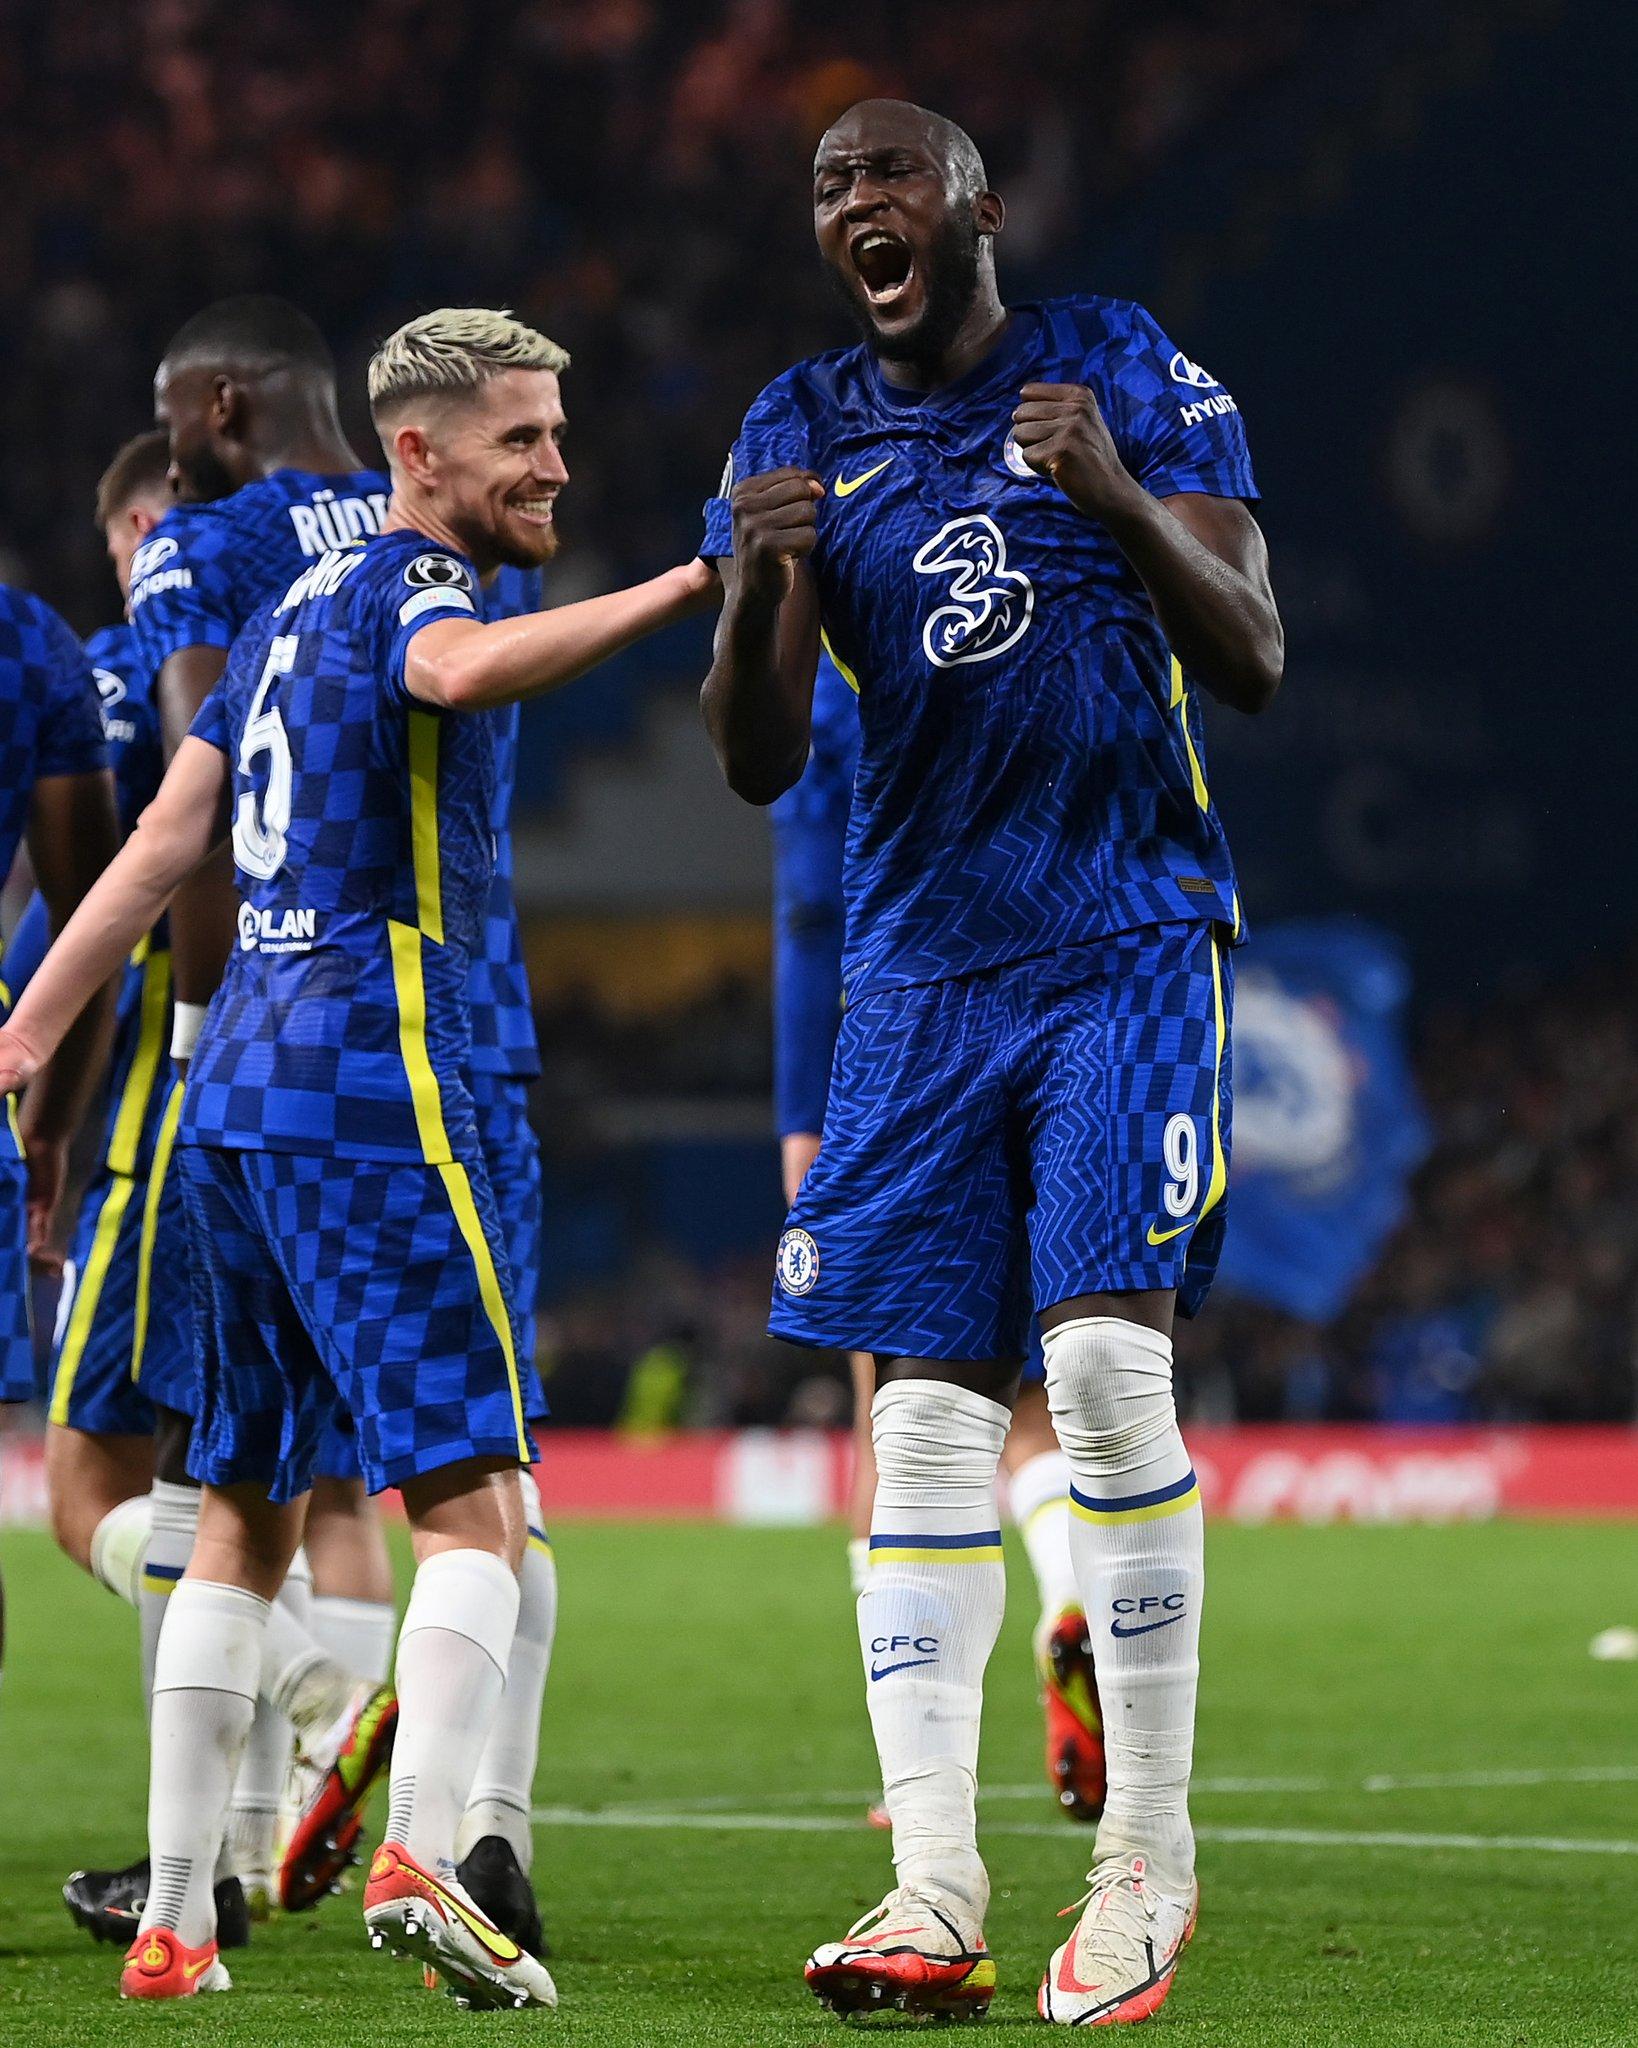 Romelu Lukaku realizza il suo primo gol in Champions League con la maglia del Chelsea - Photo by official Chelsea Twitter